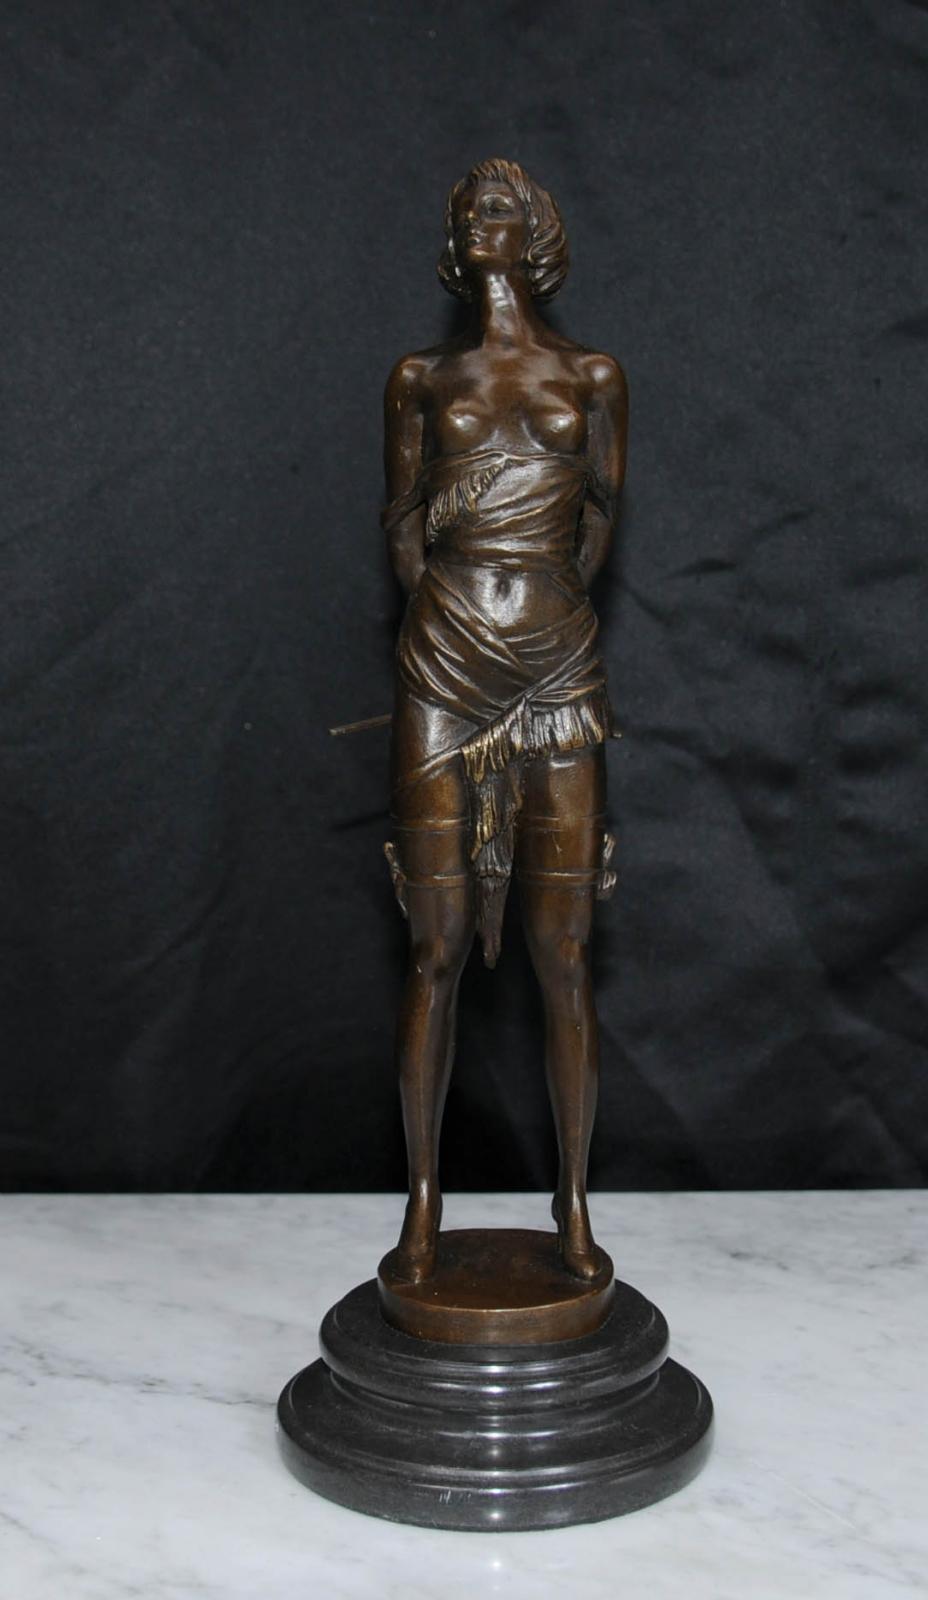 Erotic bronze sculptures